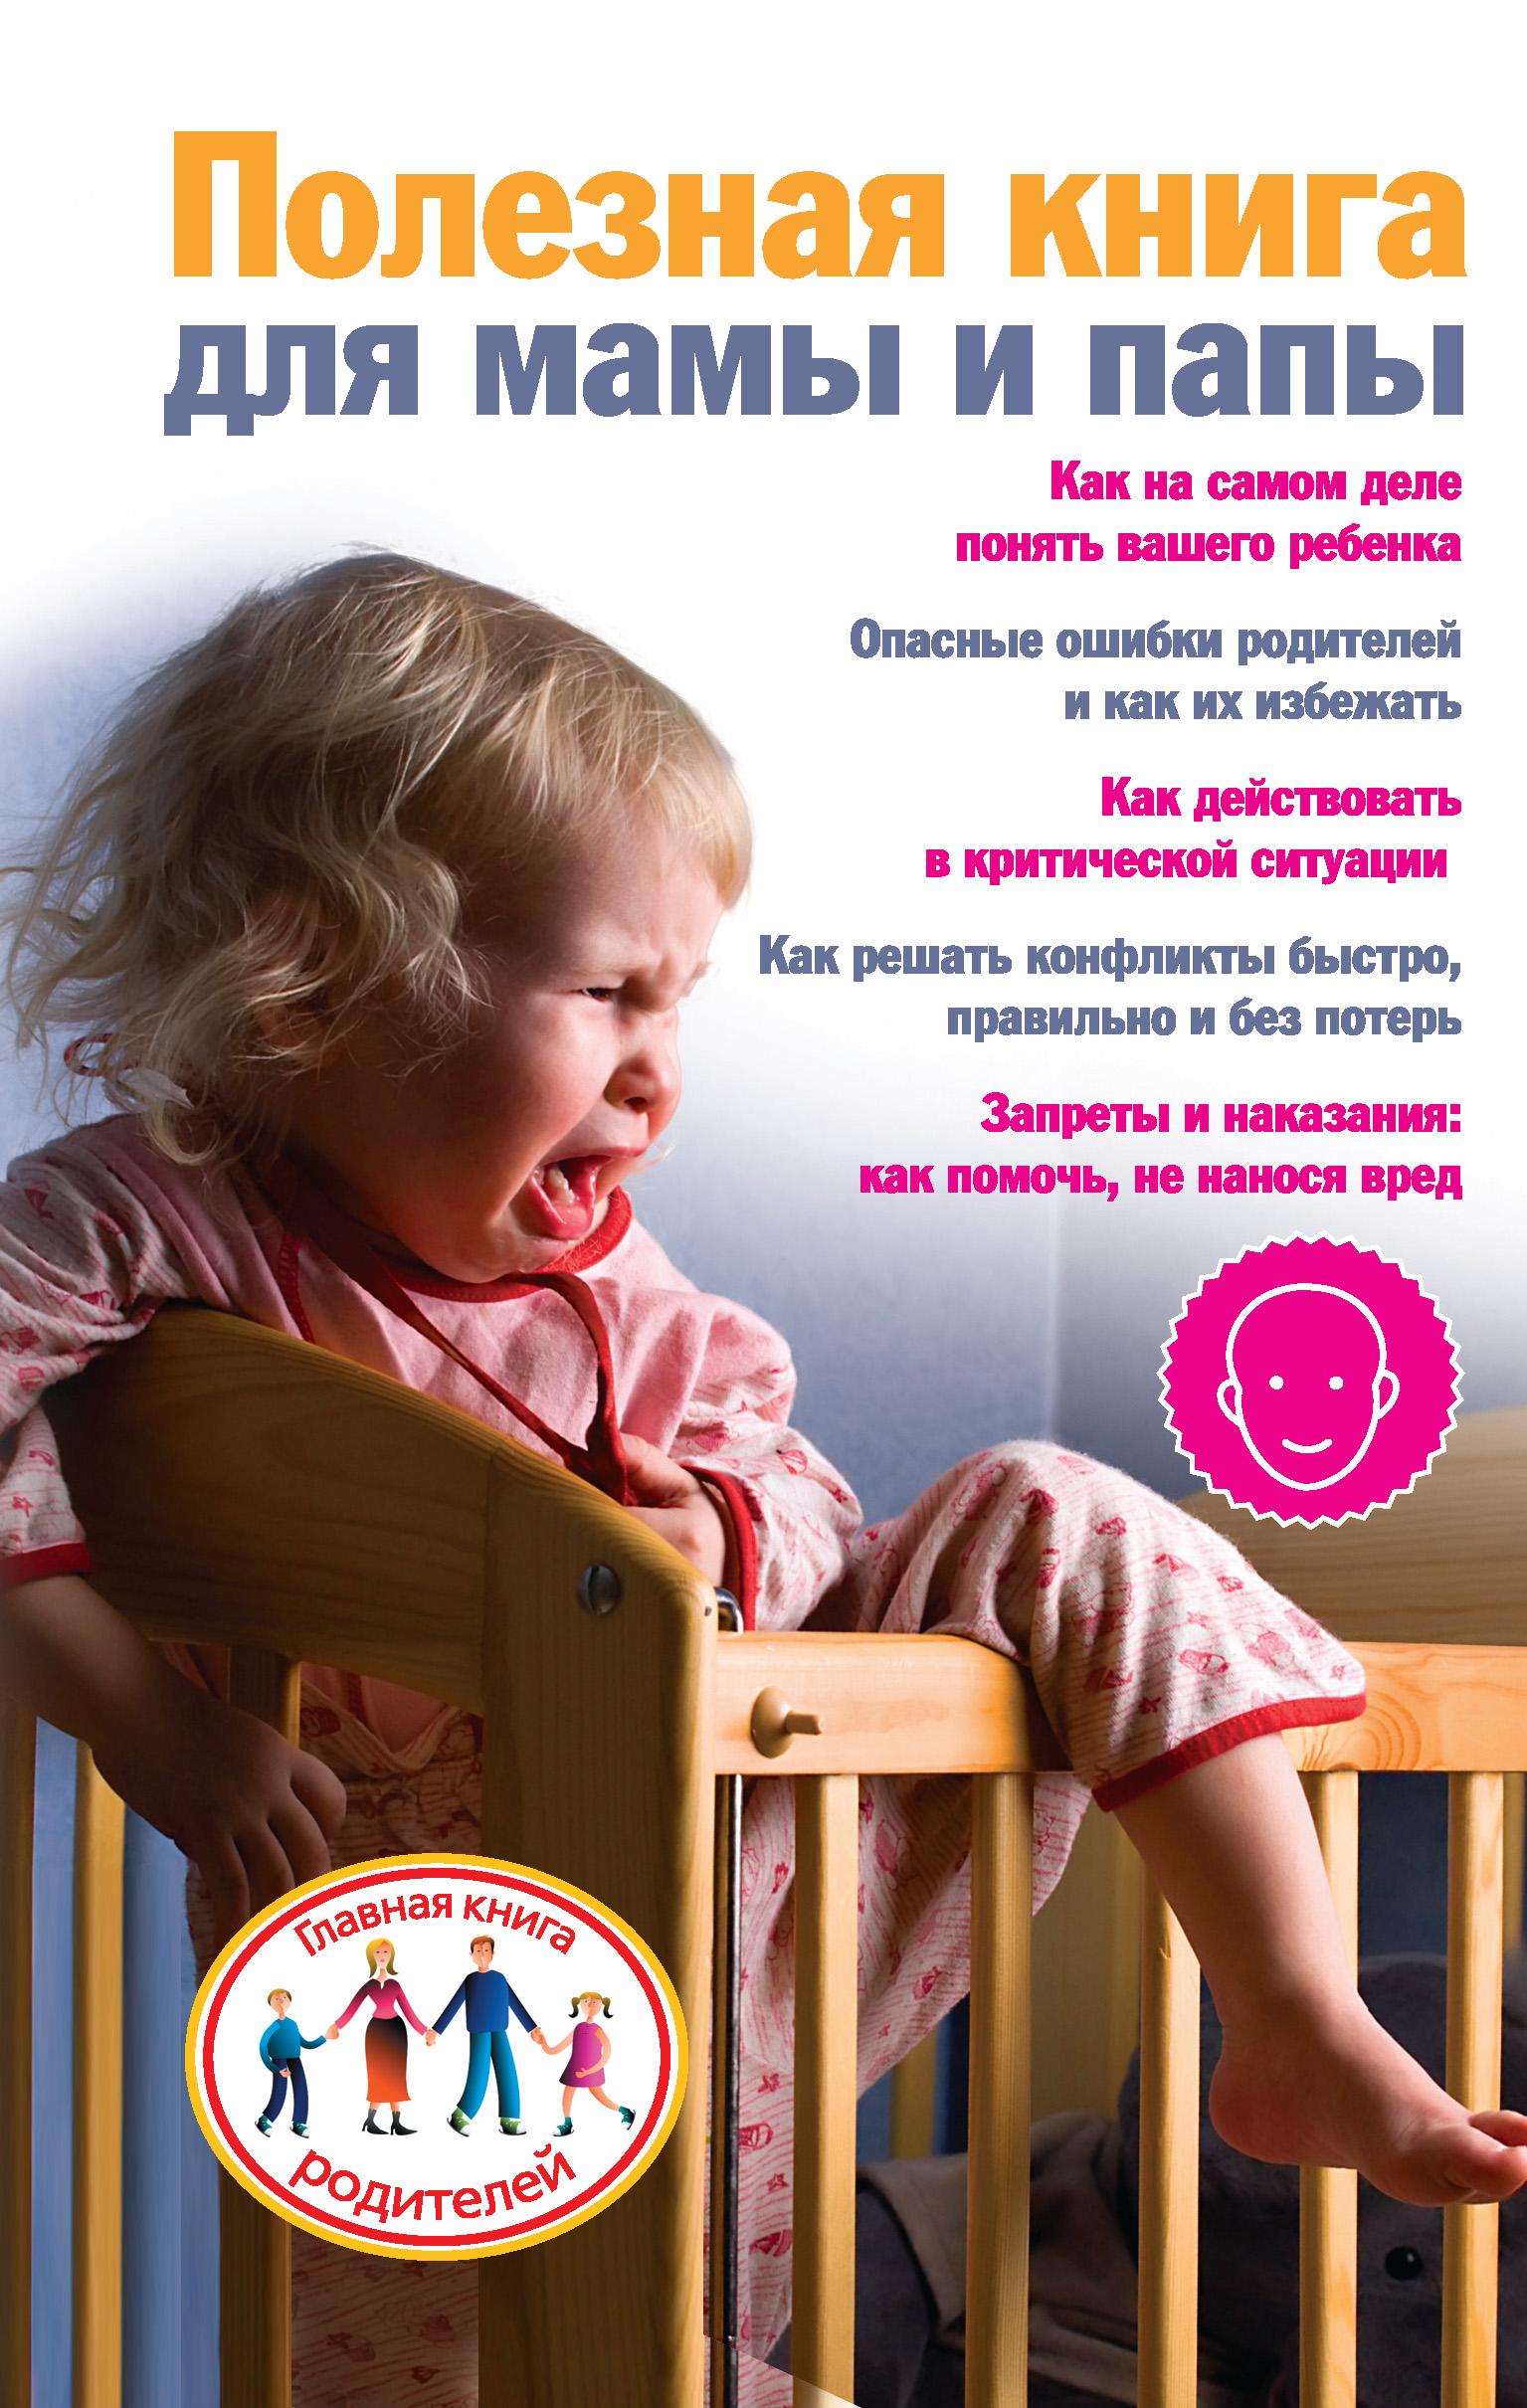 Полезная книга для мамы и папы фото